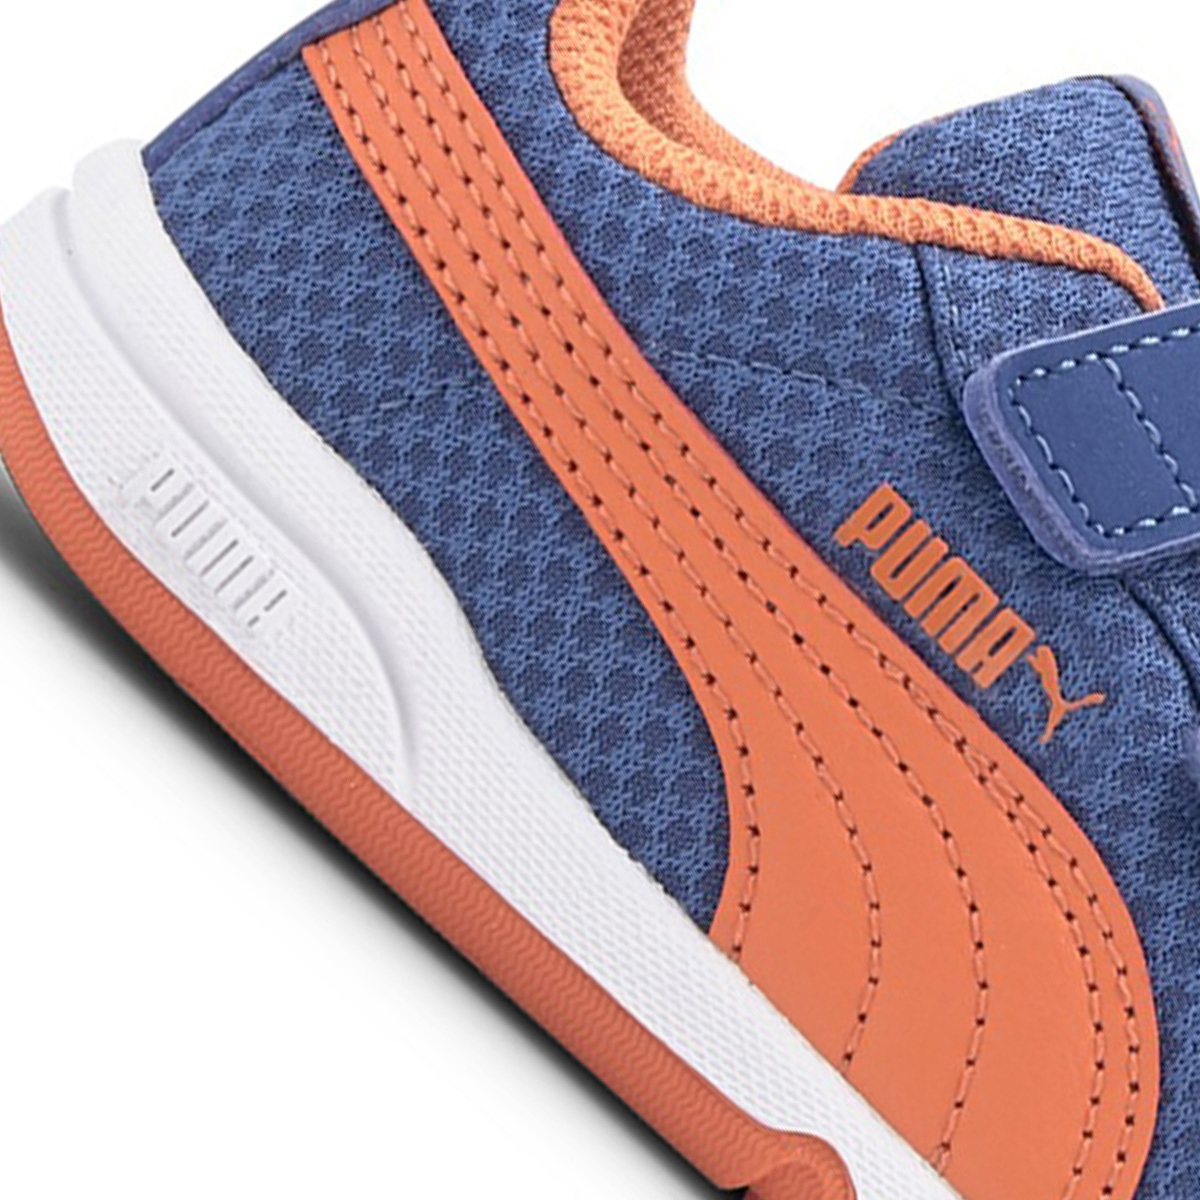 Stepfleex 2 Mesh Ve V İnf Çocuk Mavi Günlük Ayakkabı 19252509 1137916